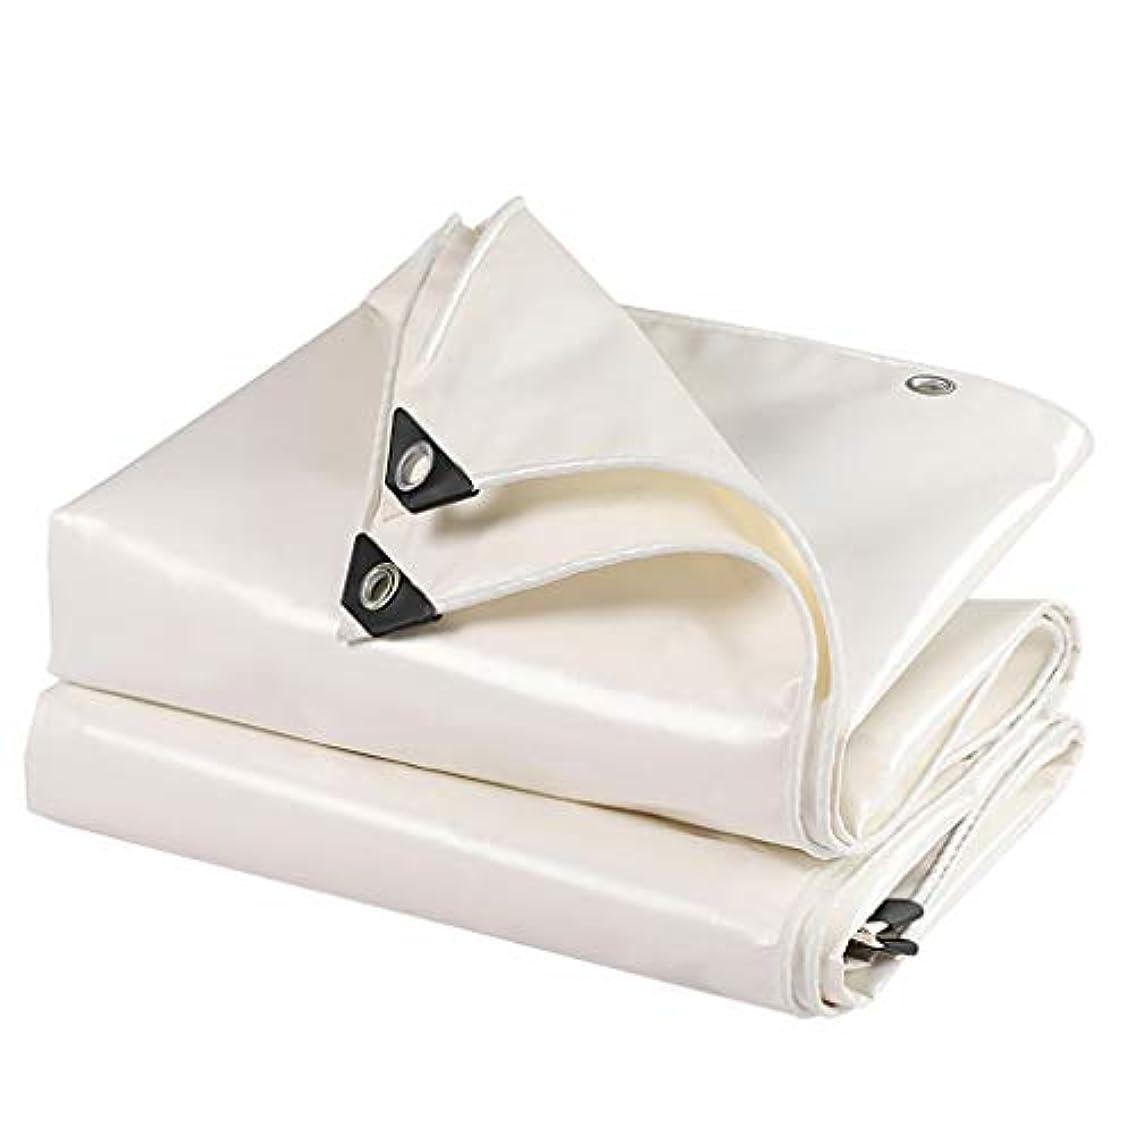 簡略化するバラエティリビジョンタープ 太陽と雨のためのテントタープ、グロメット付き3×4mタープ、引裂抵抗、アンチエイジング テント (Color : White, Size : 3×4m)